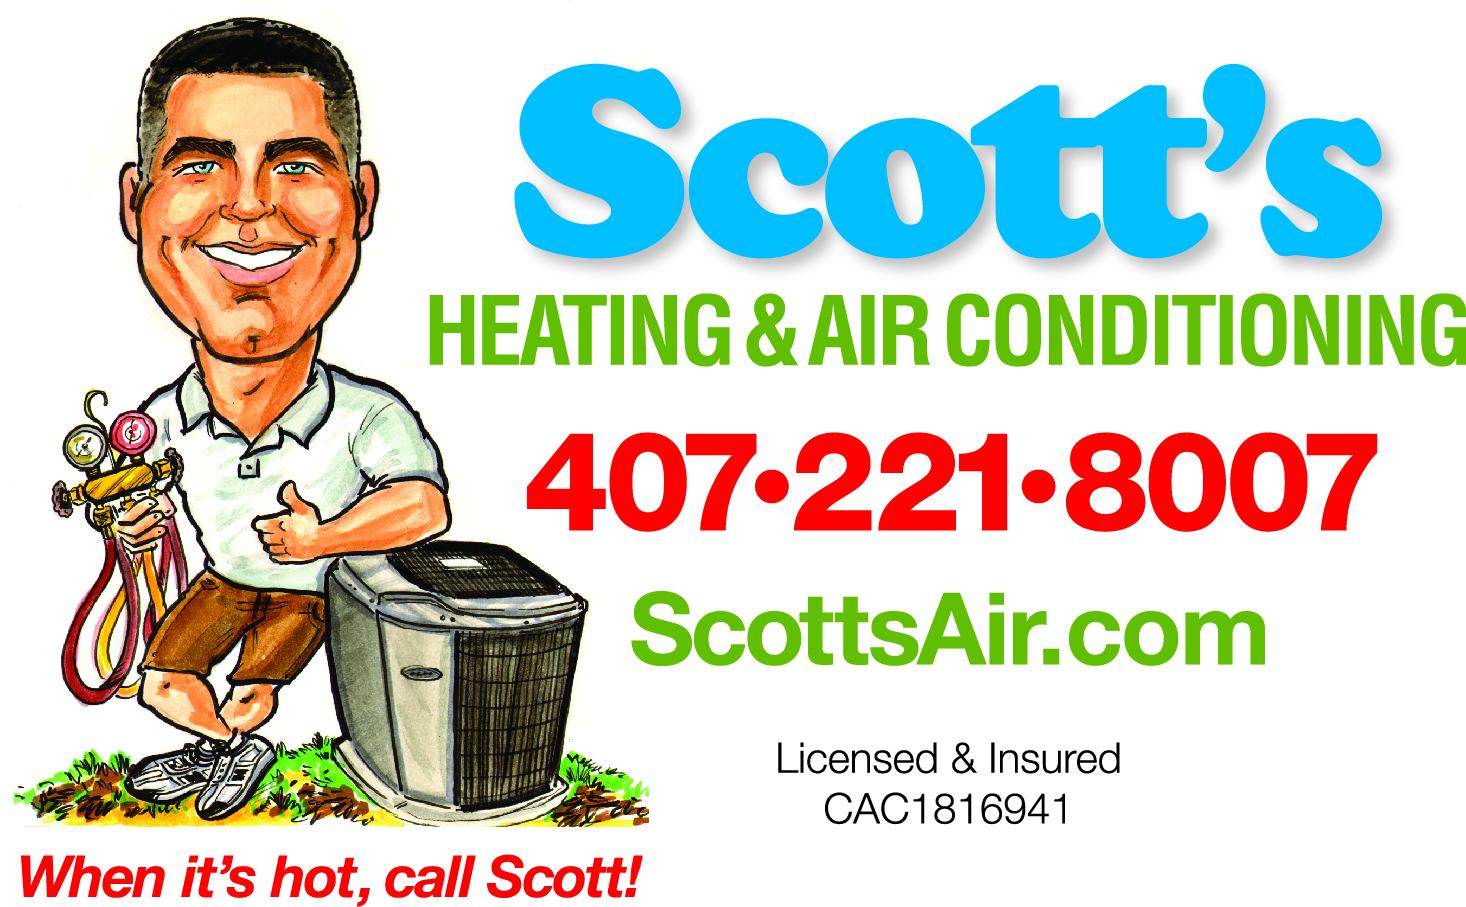 * Scott's Heating & Air Conditioning - Platinum Partner